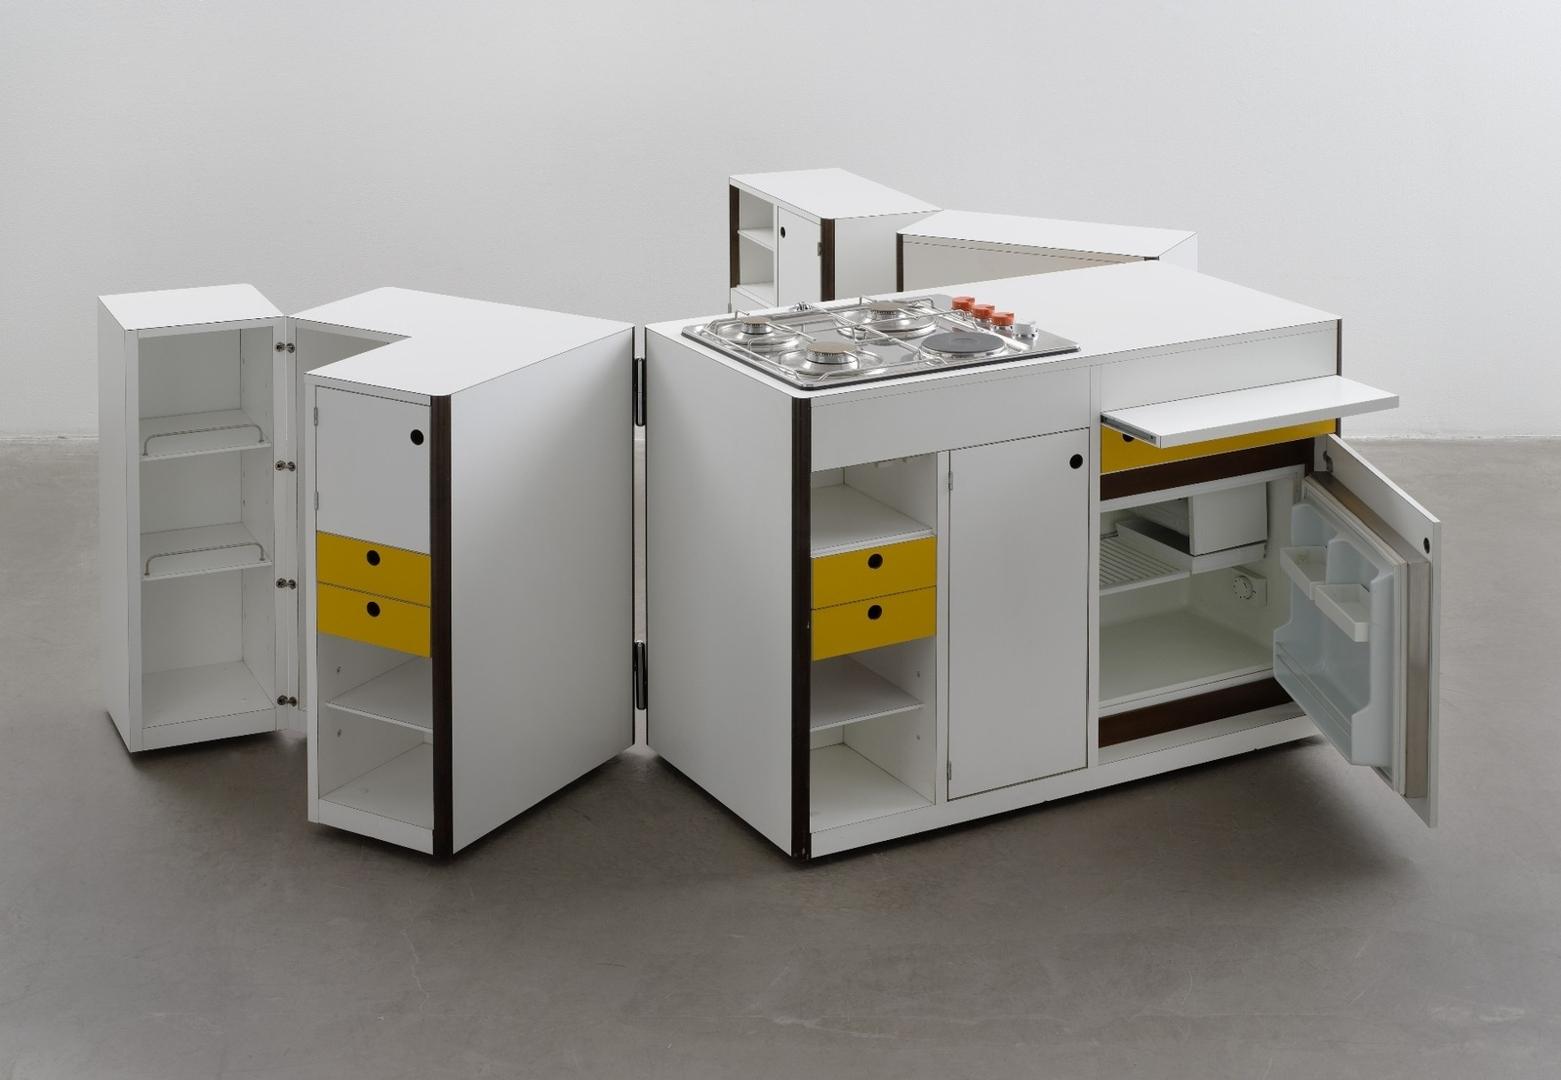 Spazio Vivo (Living Space) Mobile Kitchen Unit. 1968 image